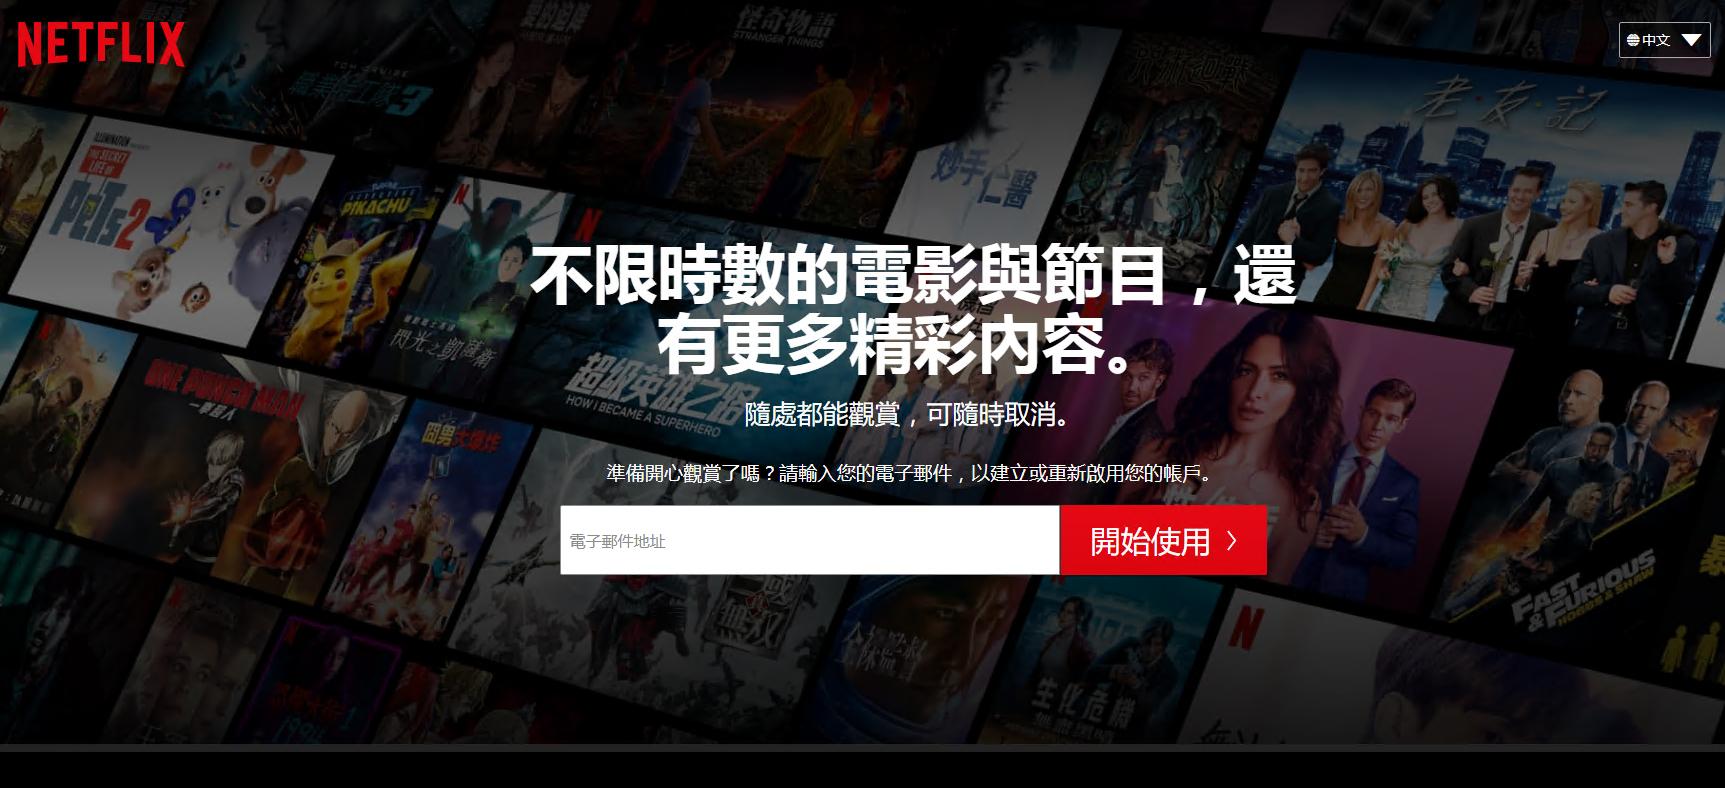 香港vps可以看netflix吗?国内怎么看netflix奈飞